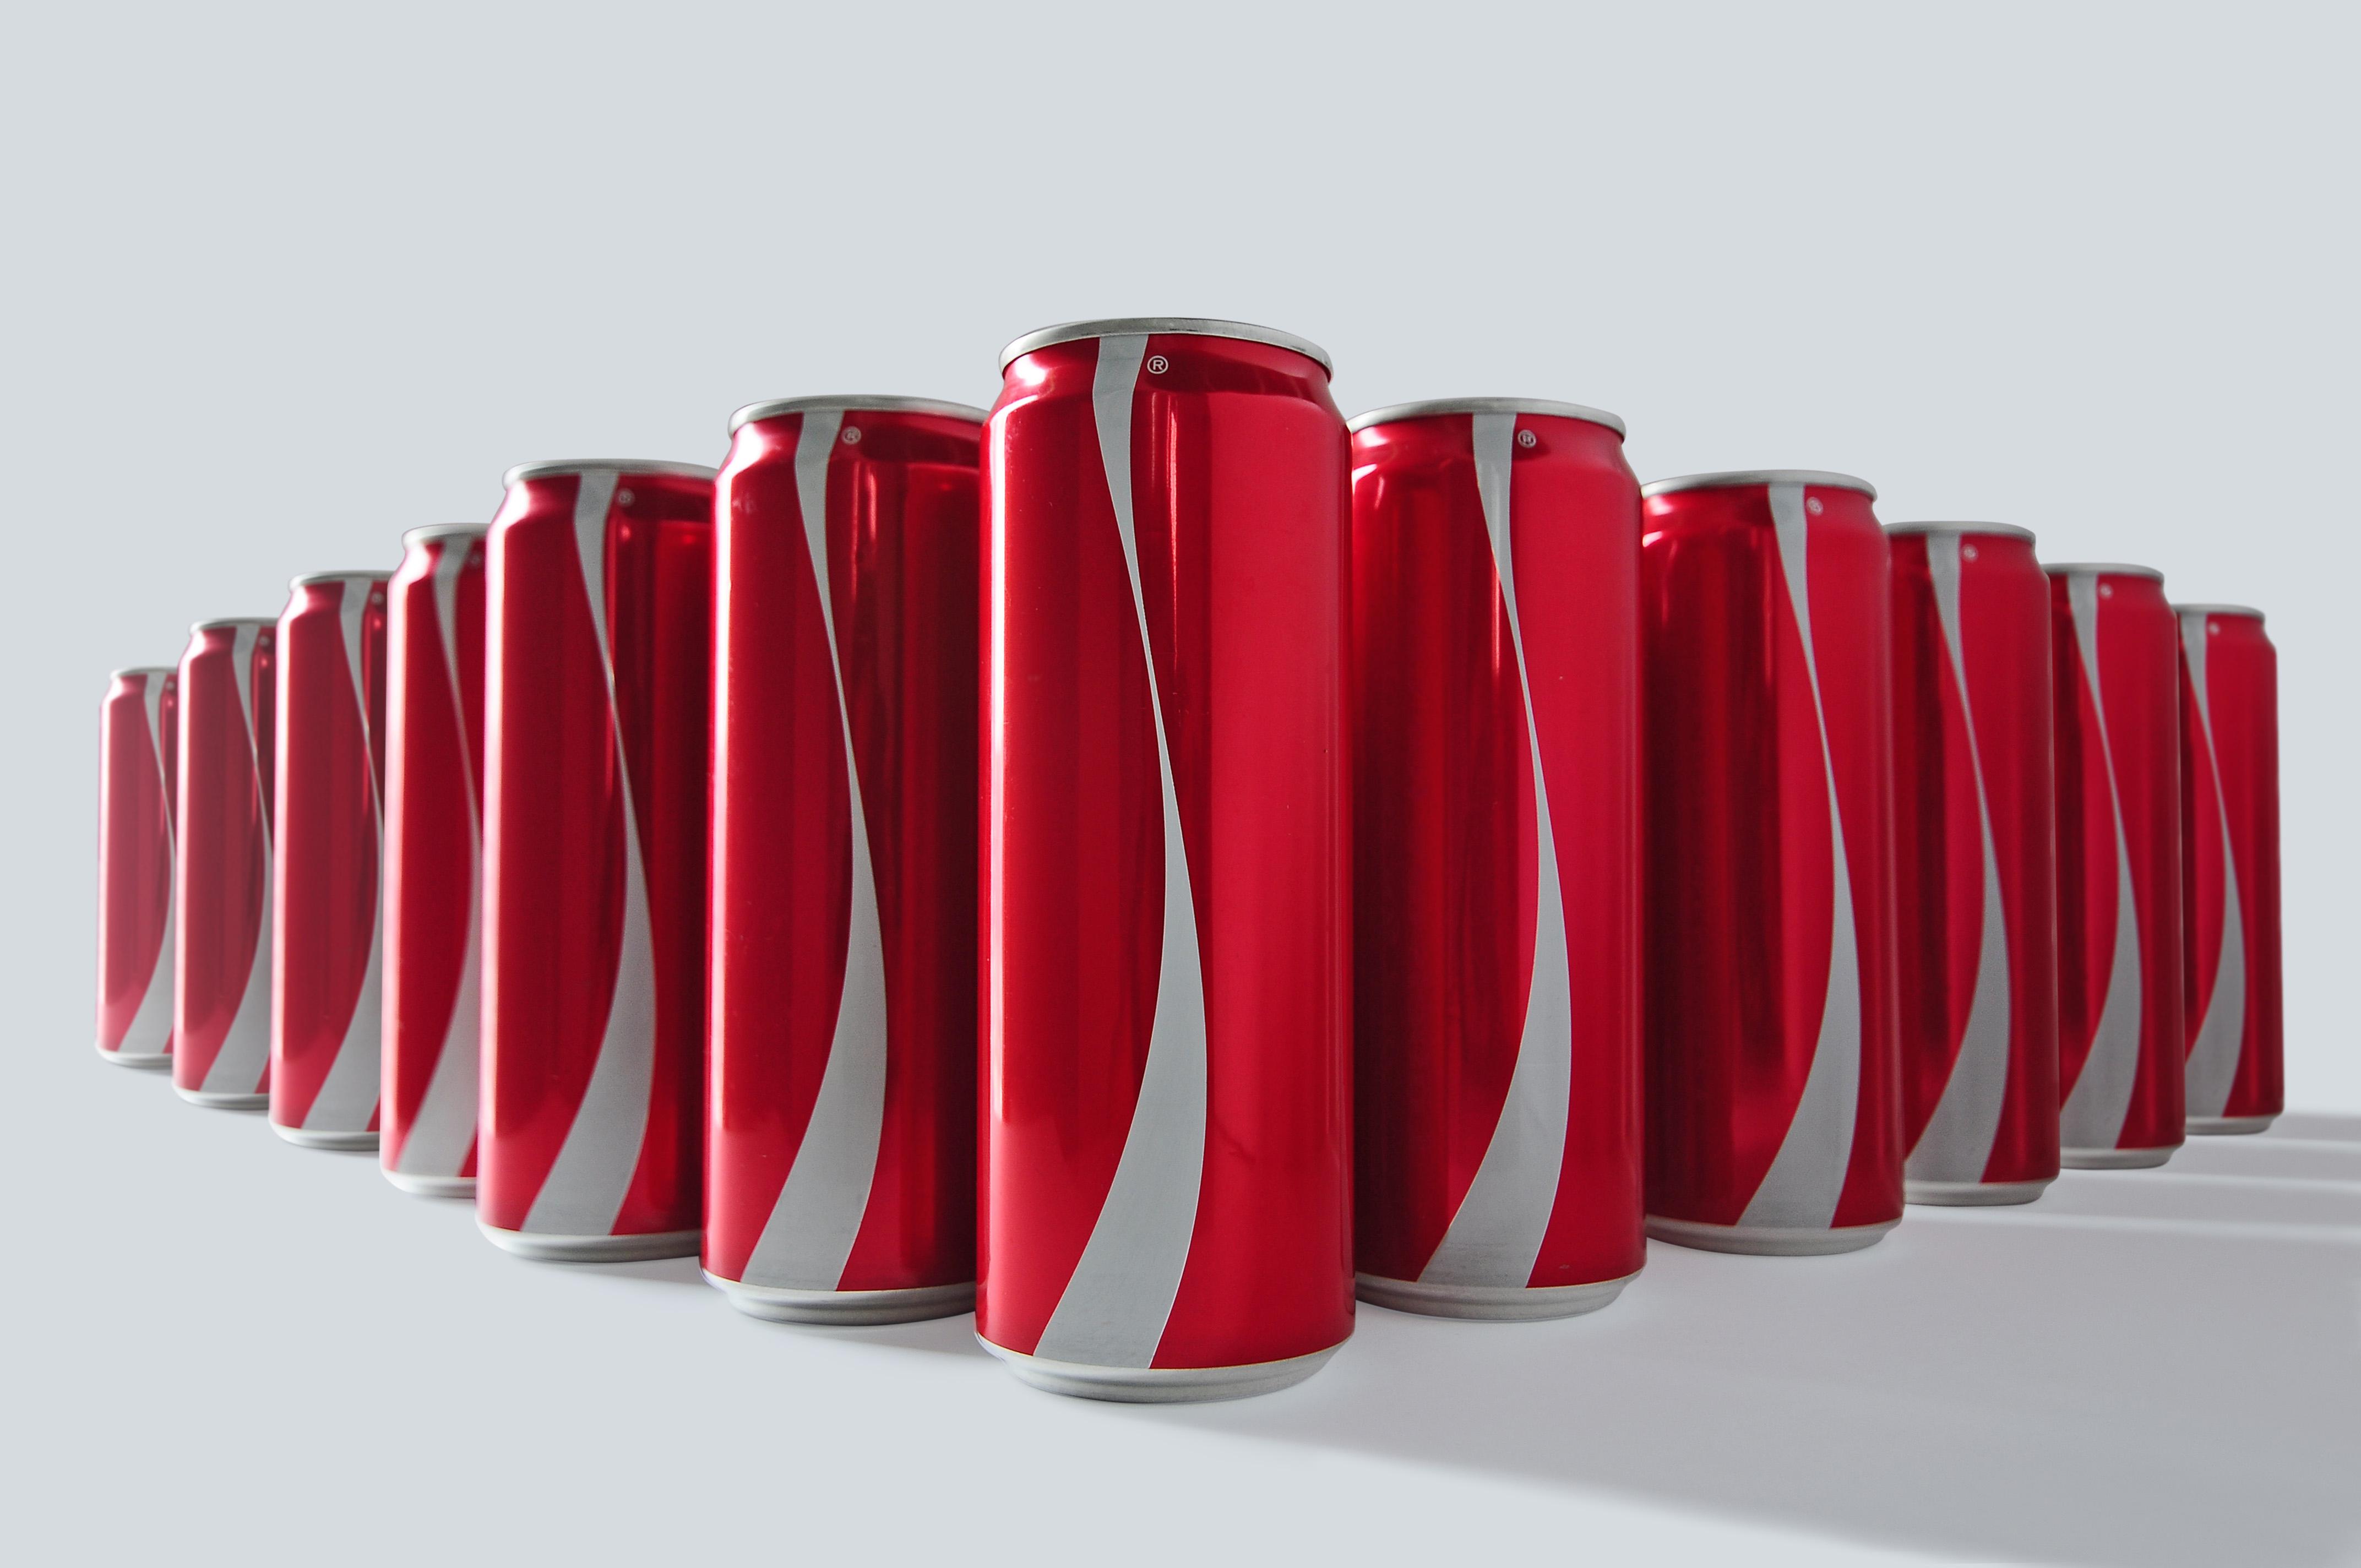 dans-ta-pub-coca-cola-the-first-ever-no-labels-media-promo-design-pr-1